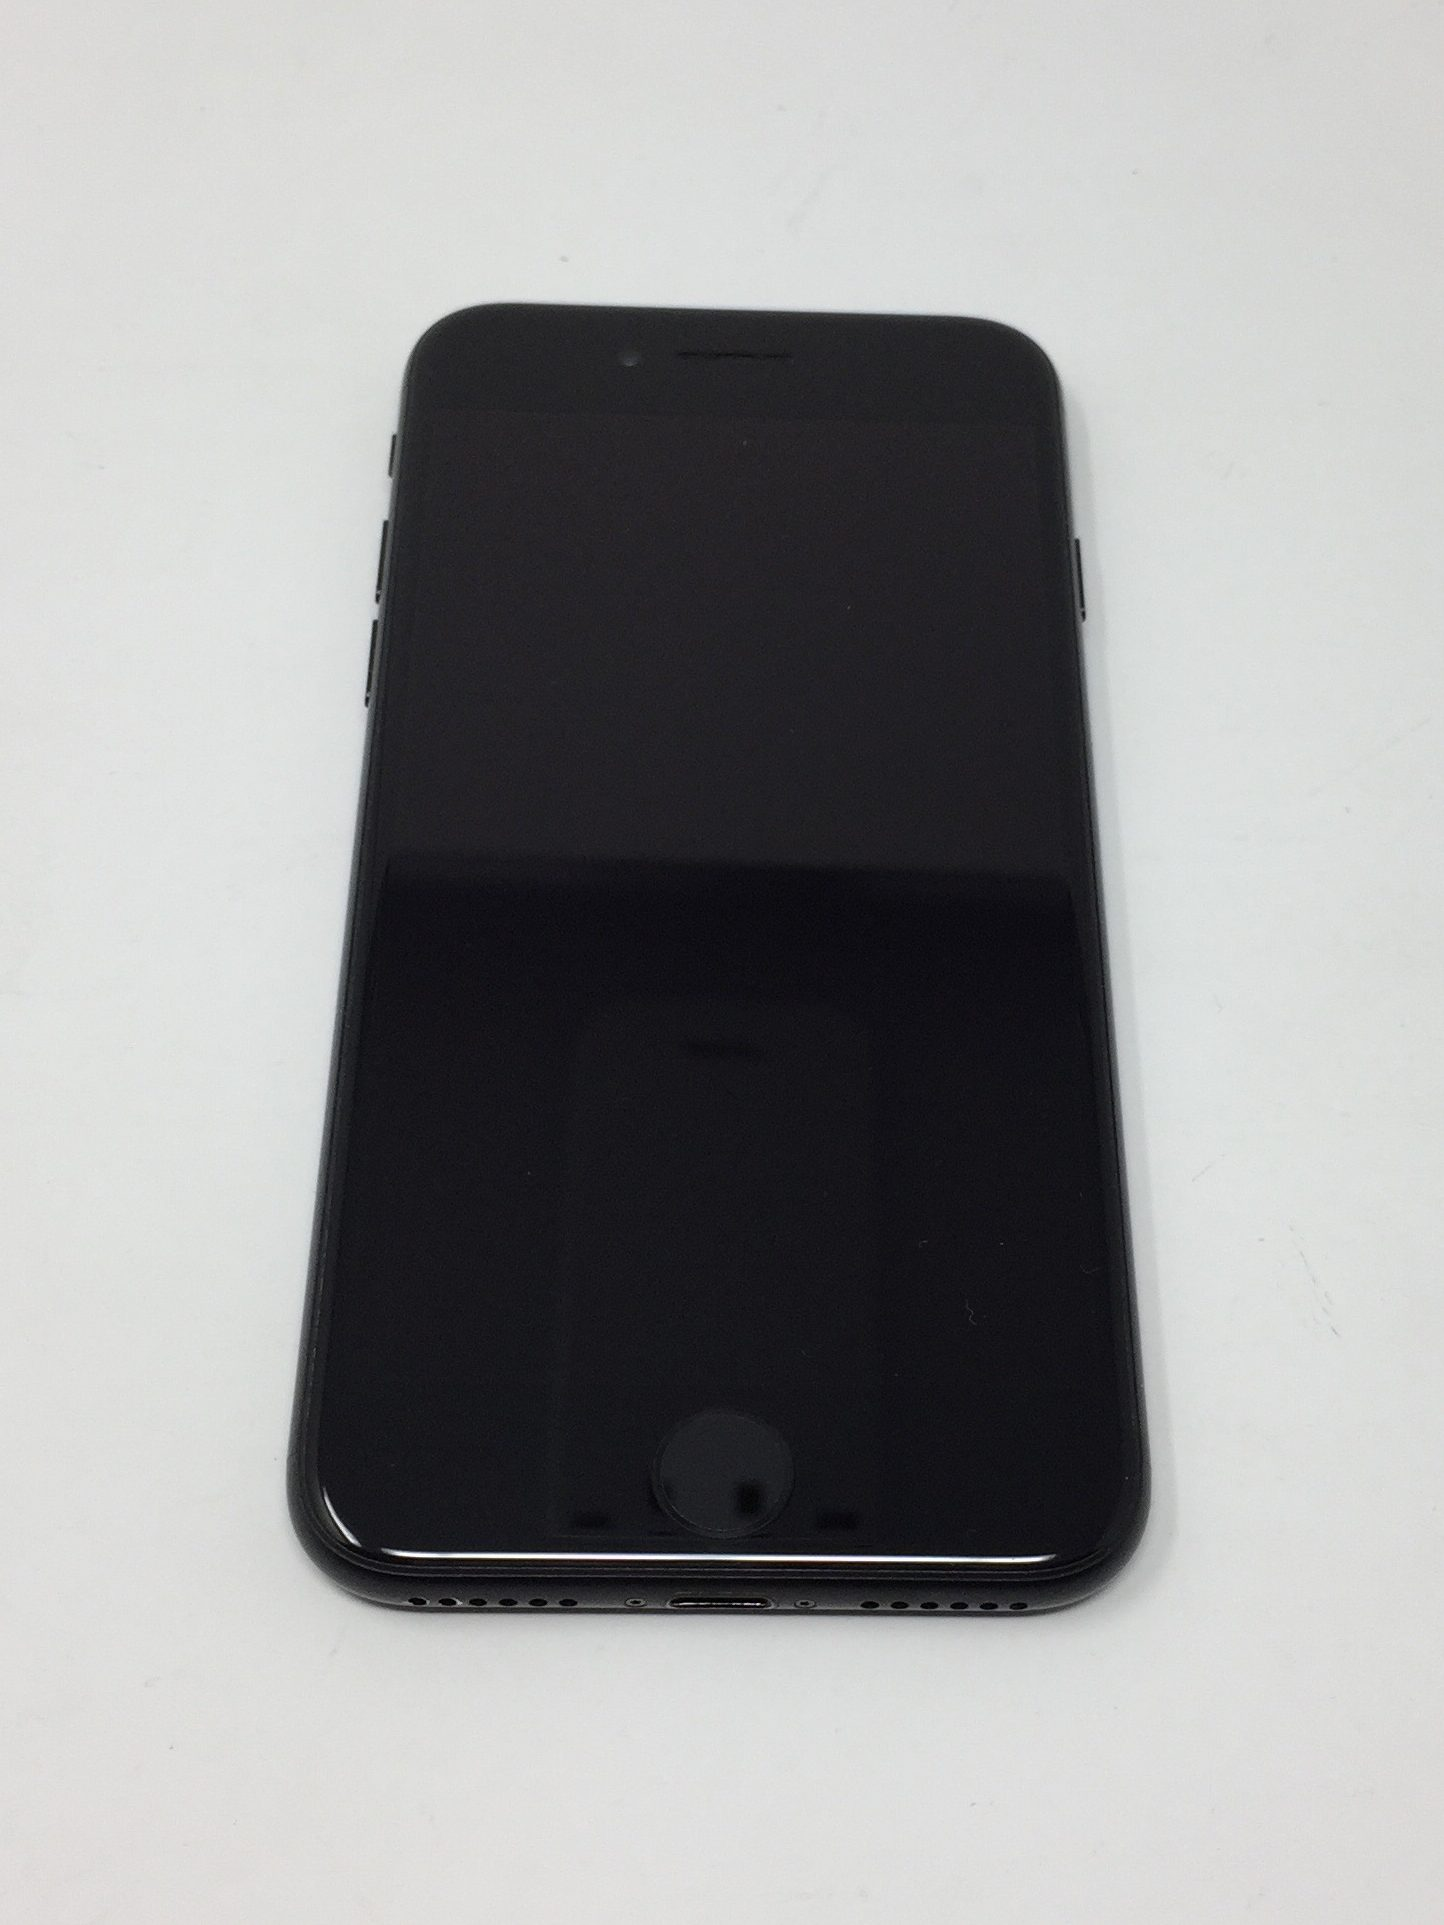 iPhone 7 128GB, 128 GB, Black, imagen 1